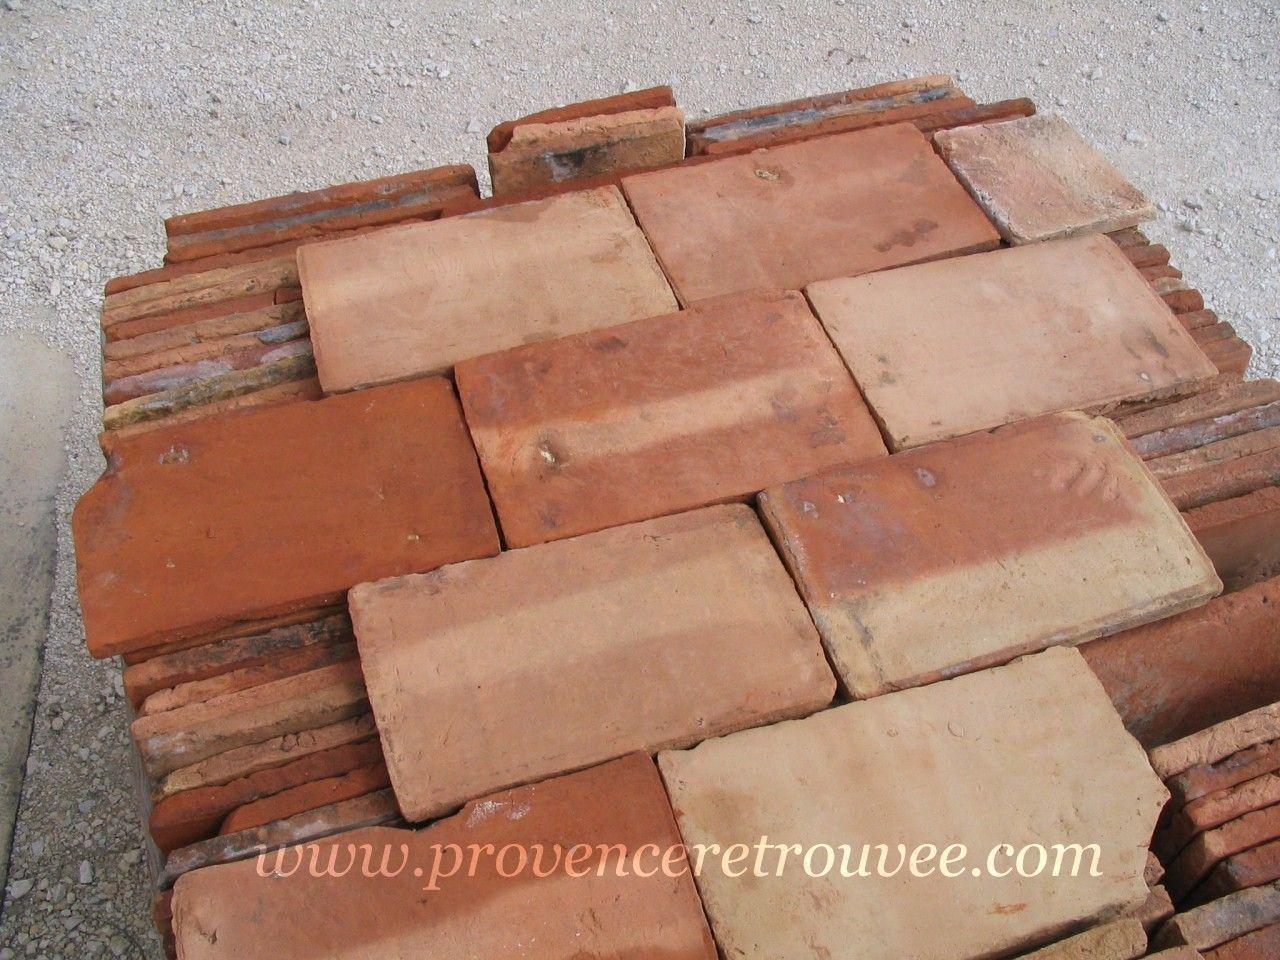 Old Parefeuille 9 X 14 Terra Cotta Terre Cuite Parefeuille Brique